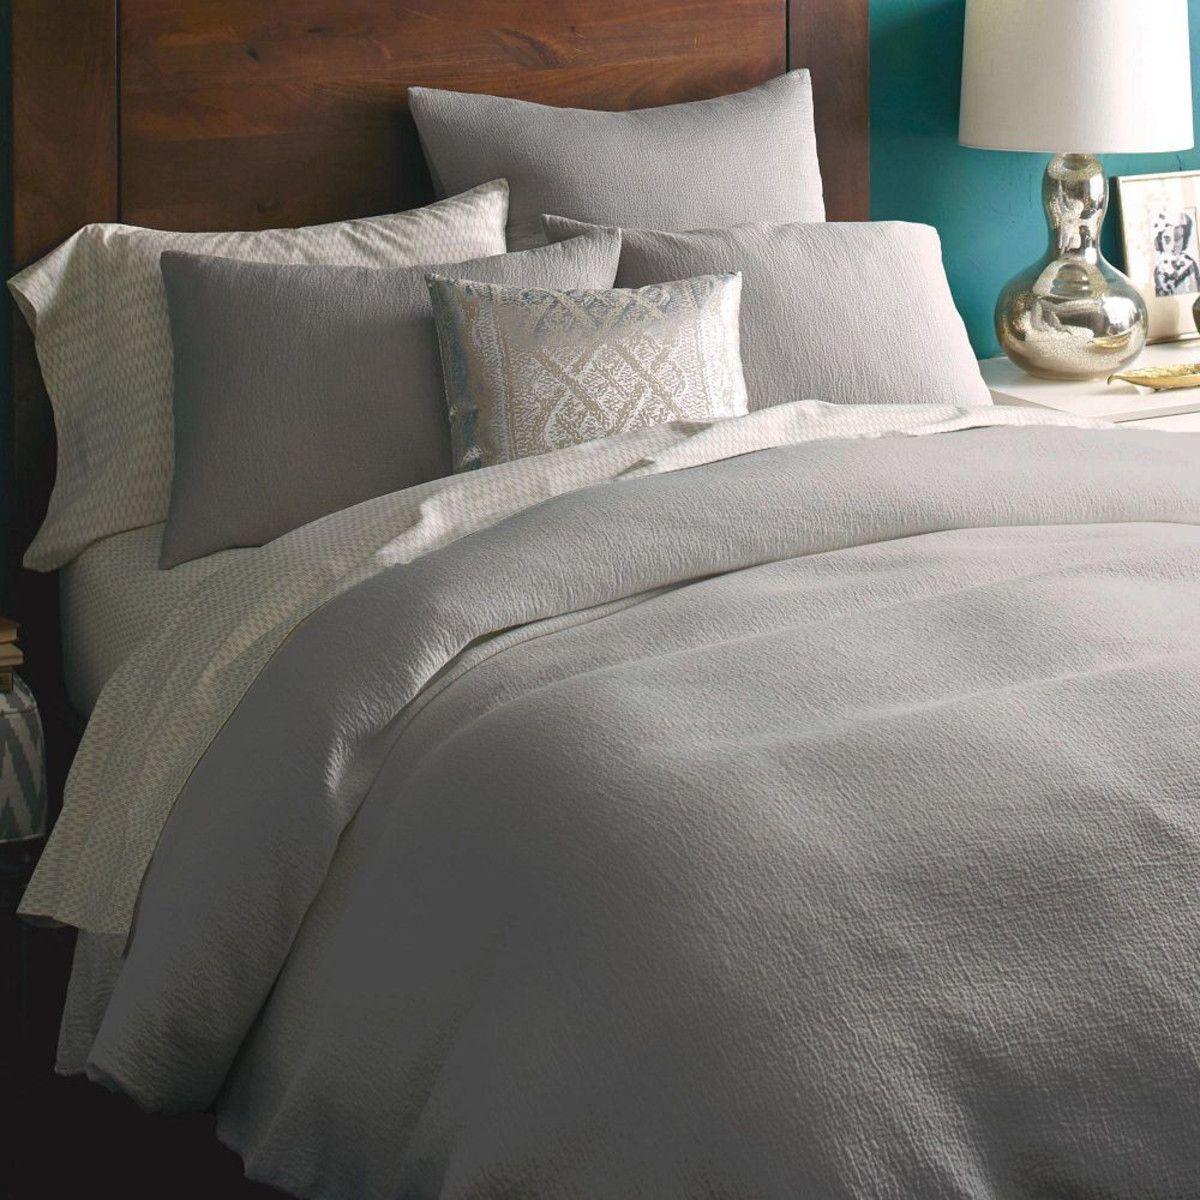 Organic Brighton Matelasse Quilt Cover + Pillow Shams - Platinum ...